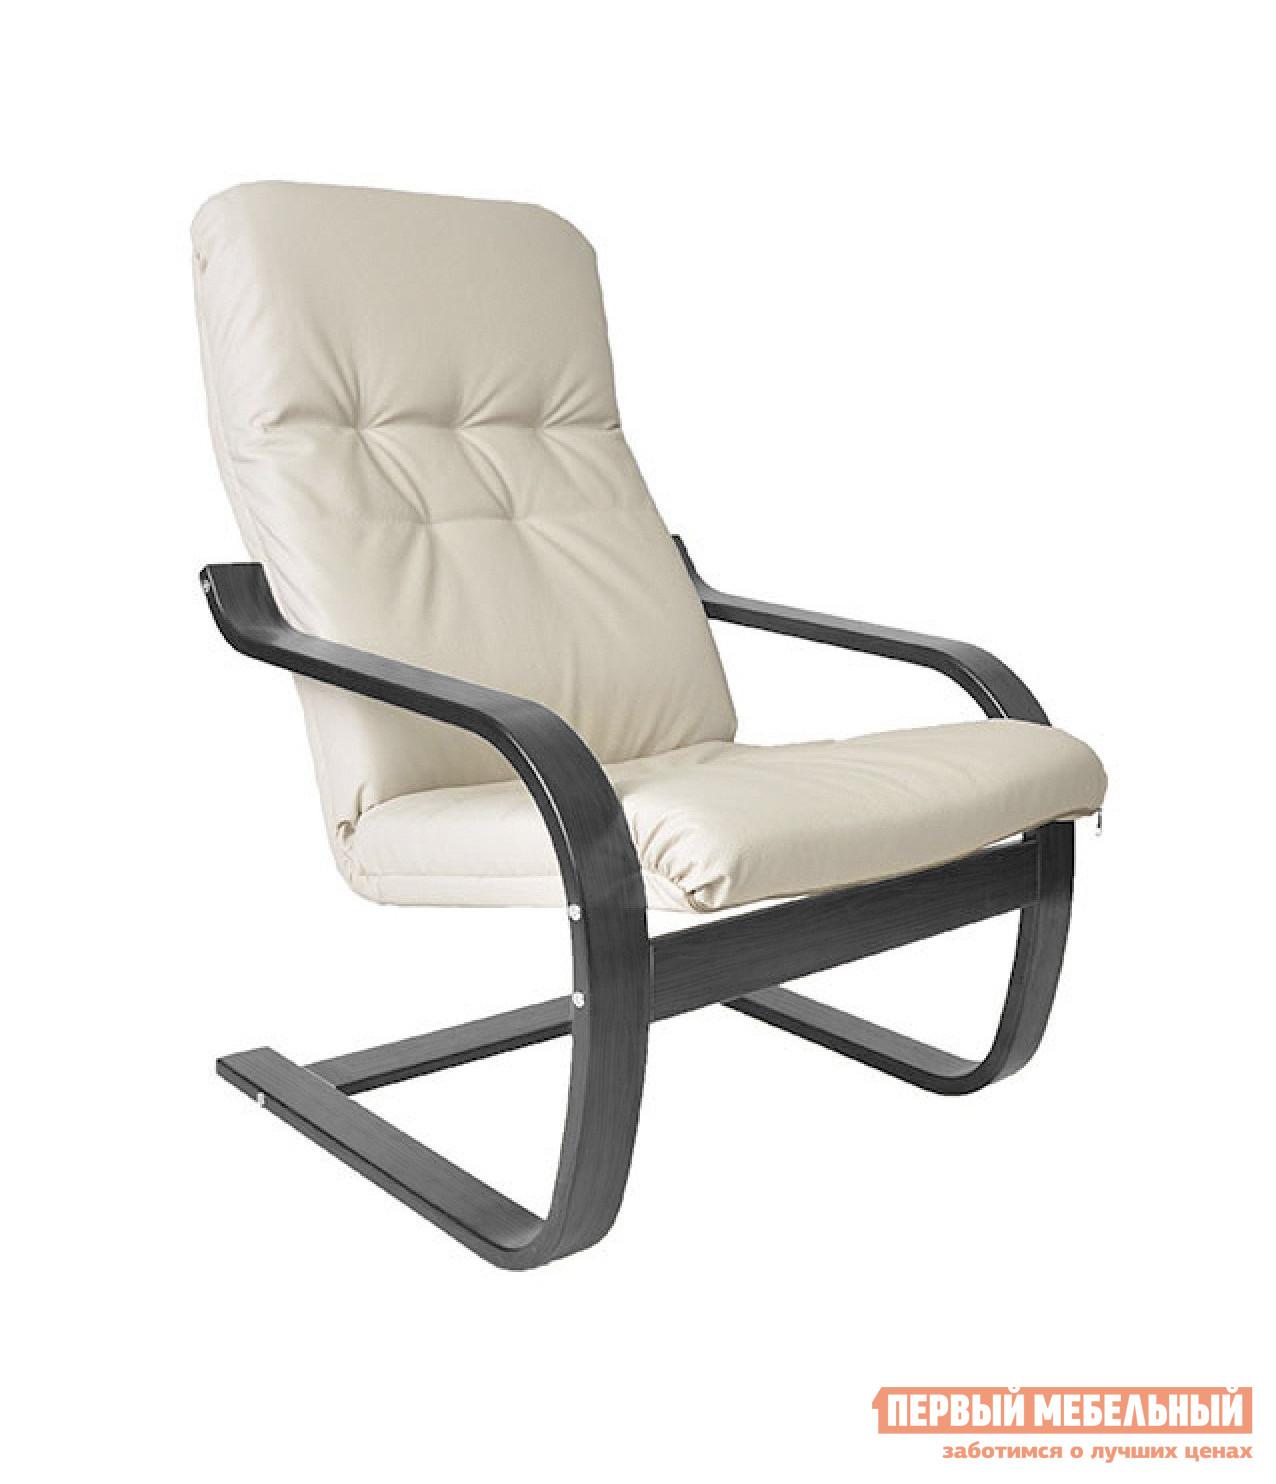 Кресло Грин Три Кресло Сайма Венге, Экокожа Крем от Купистол